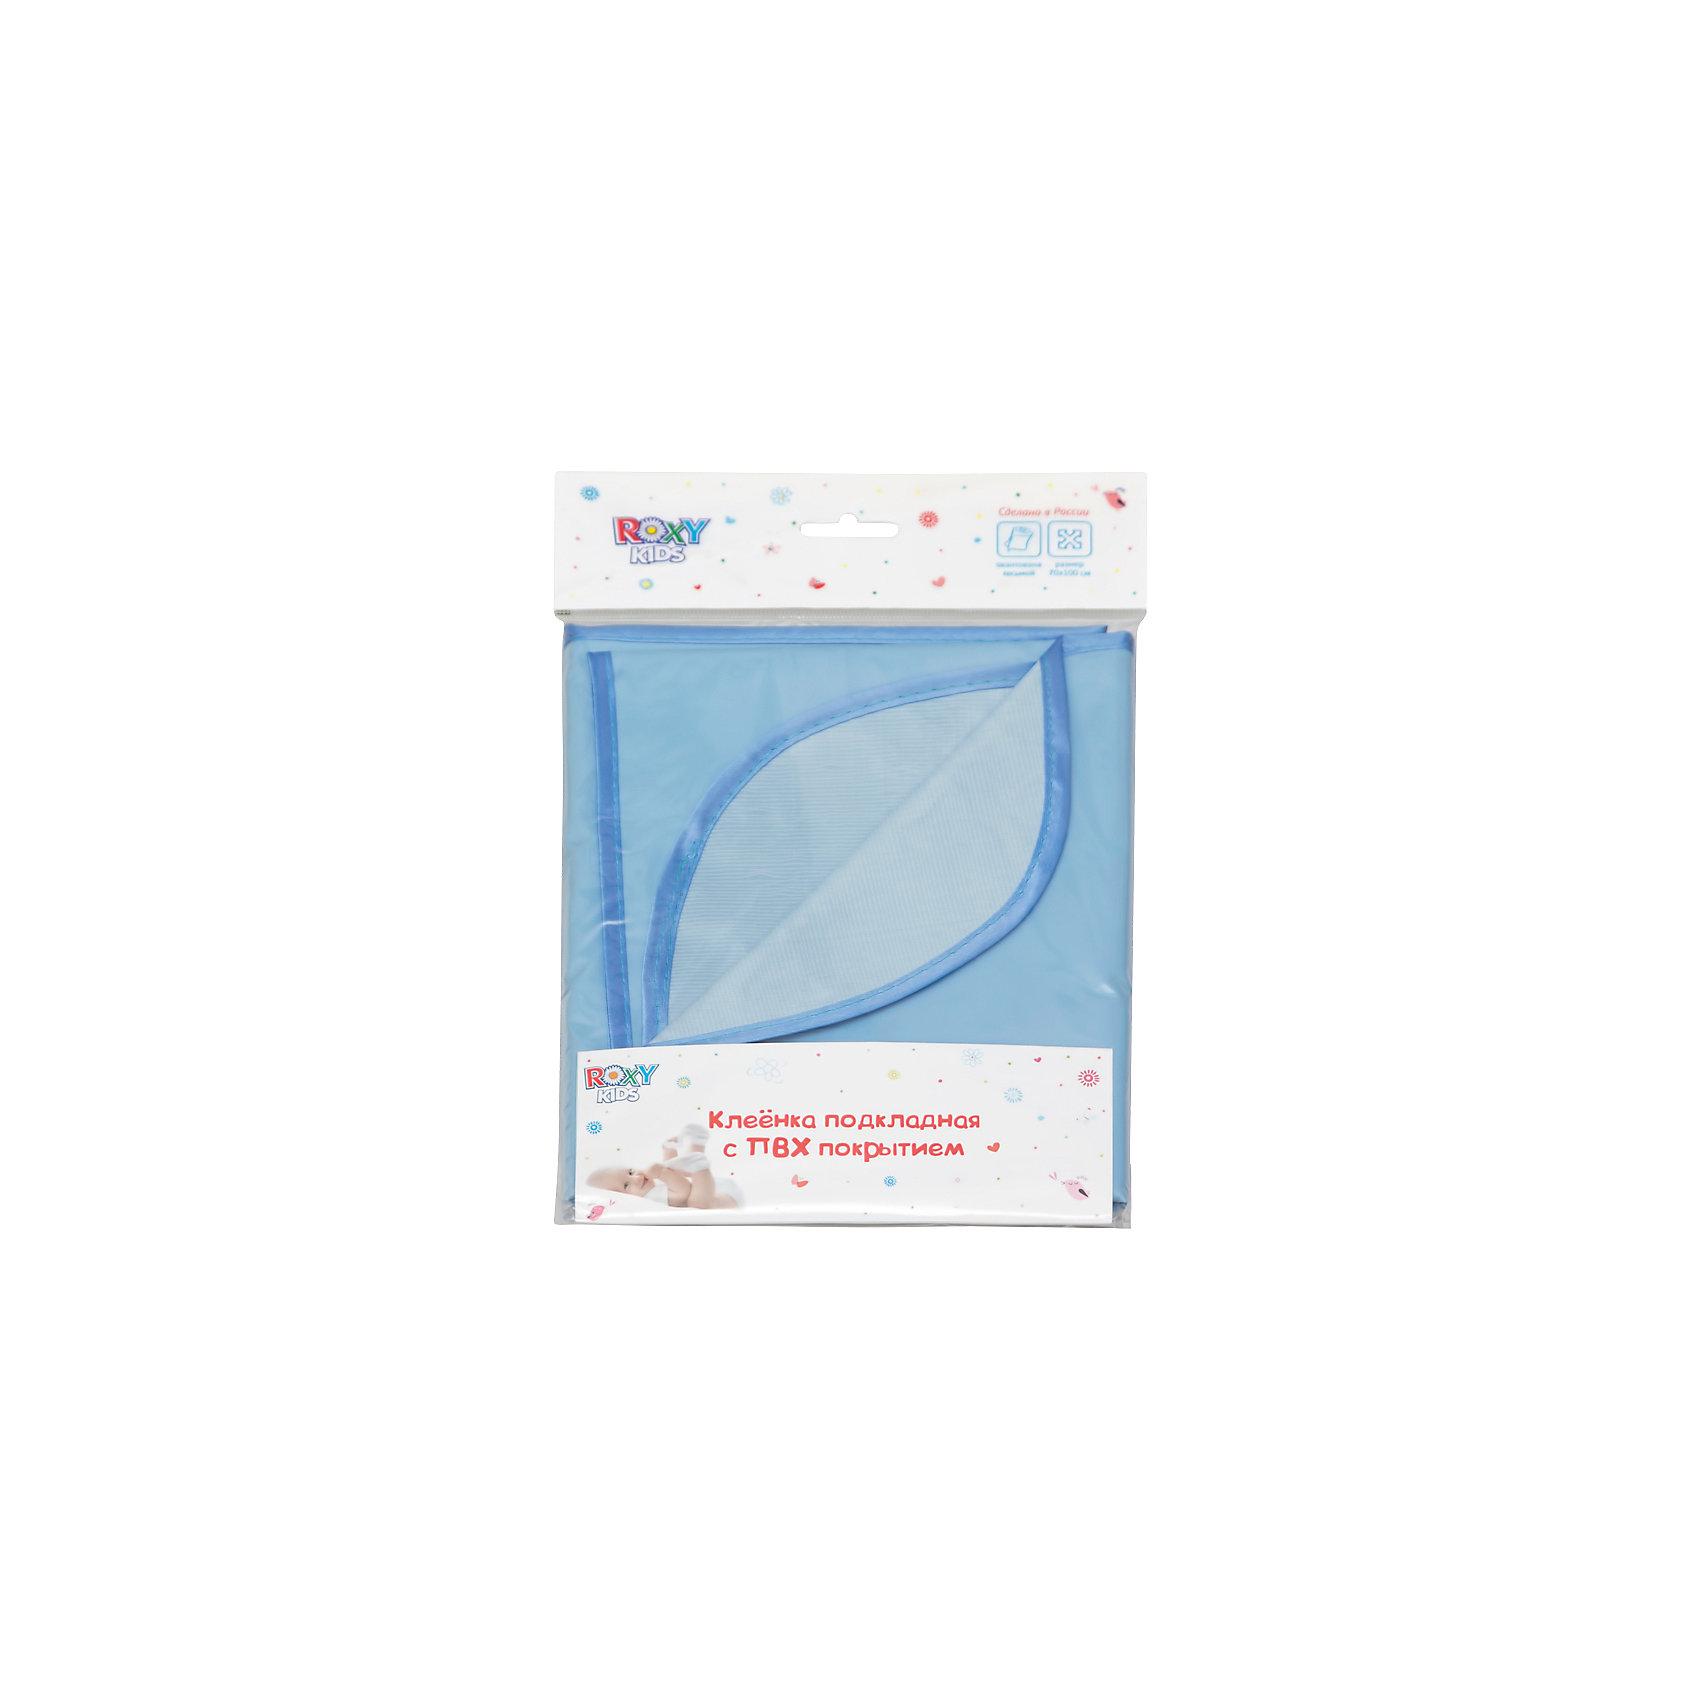 Клеенка подкладная с ПВХ покрытием, Roxy-Kids, синийКлеенка подкладная с ПВХ покрытием, Roxy-Kids, синий идеально подходит к размерам детских матрасиков в кроватках и колясках и рекомендована к применению в быту при уходе за малышами!<br><br>Характеристики:<br>-Соответствует всем медицинским требованиям <br>-Изготовлена из полиэфирной ткани: влагонепроницаемая, газопроницаемая и паропроницаемая, что способствует профилактики детских опрелостей <br>-ПВХ покрытие на лицевой стороне обладает отличной теплопроводностью, быстро приобретает температуру тела без «эффекта холодного прикосновения»<br>-Идеально подходит к размерам детских матрасиков в кроватках и колясках<br><br>Дополнительная информация:<br>-Размер: 100х70 см<br>-Размеры в упаковке: 21х17 см<br>-Вес в упаковке: 50 г<br>-Цвет: синий<br>-Материалы: ПВХ, текстиль<br><br>Безопасная и практичная клеенка с ПВХ покрытием идеальна для защиты детской кожи и постельного белья и матраса, и с ней сон малыша будет сладким и крепким!<br><br>Клеенка подкладная с ПВХ покрытием, Roxy-Kids, синий можно купить в нашем магазине.<br><br>Ширина мм: 210<br>Глубина мм: 170<br>Высота мм: 0<br>Вес г: 50<br>Возраст от месяцев: 0<br>Возраст до месяцев: 12<br>Пол: Унисекс<br>Возраст: Детский<br>SKU: 4231881